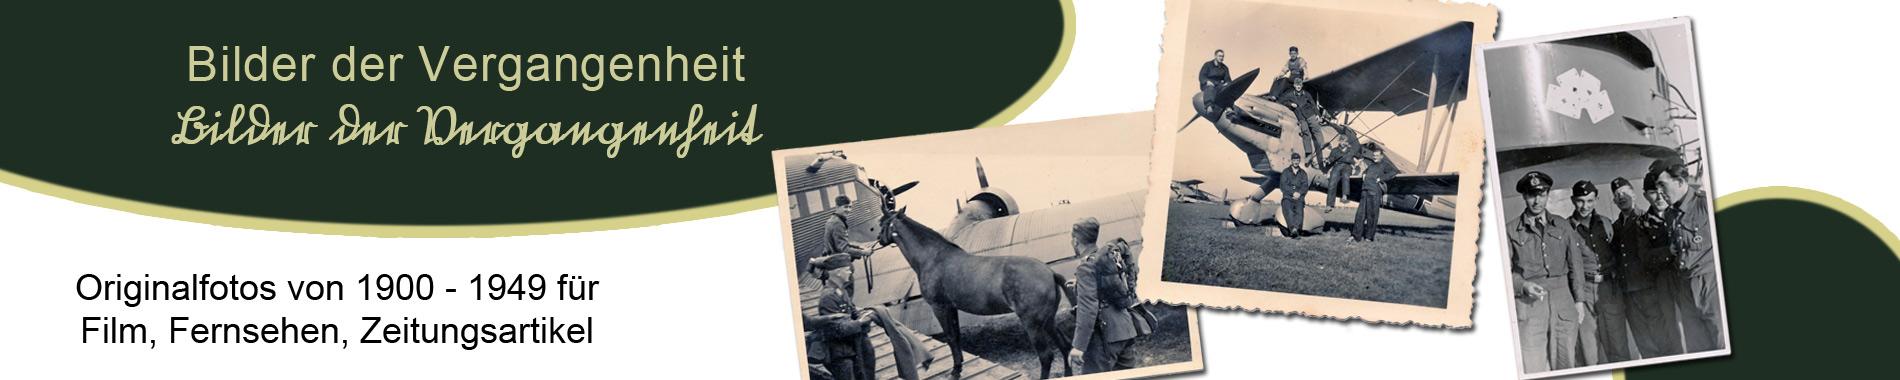 Photos of the Past - Bilder der Vergangenheit